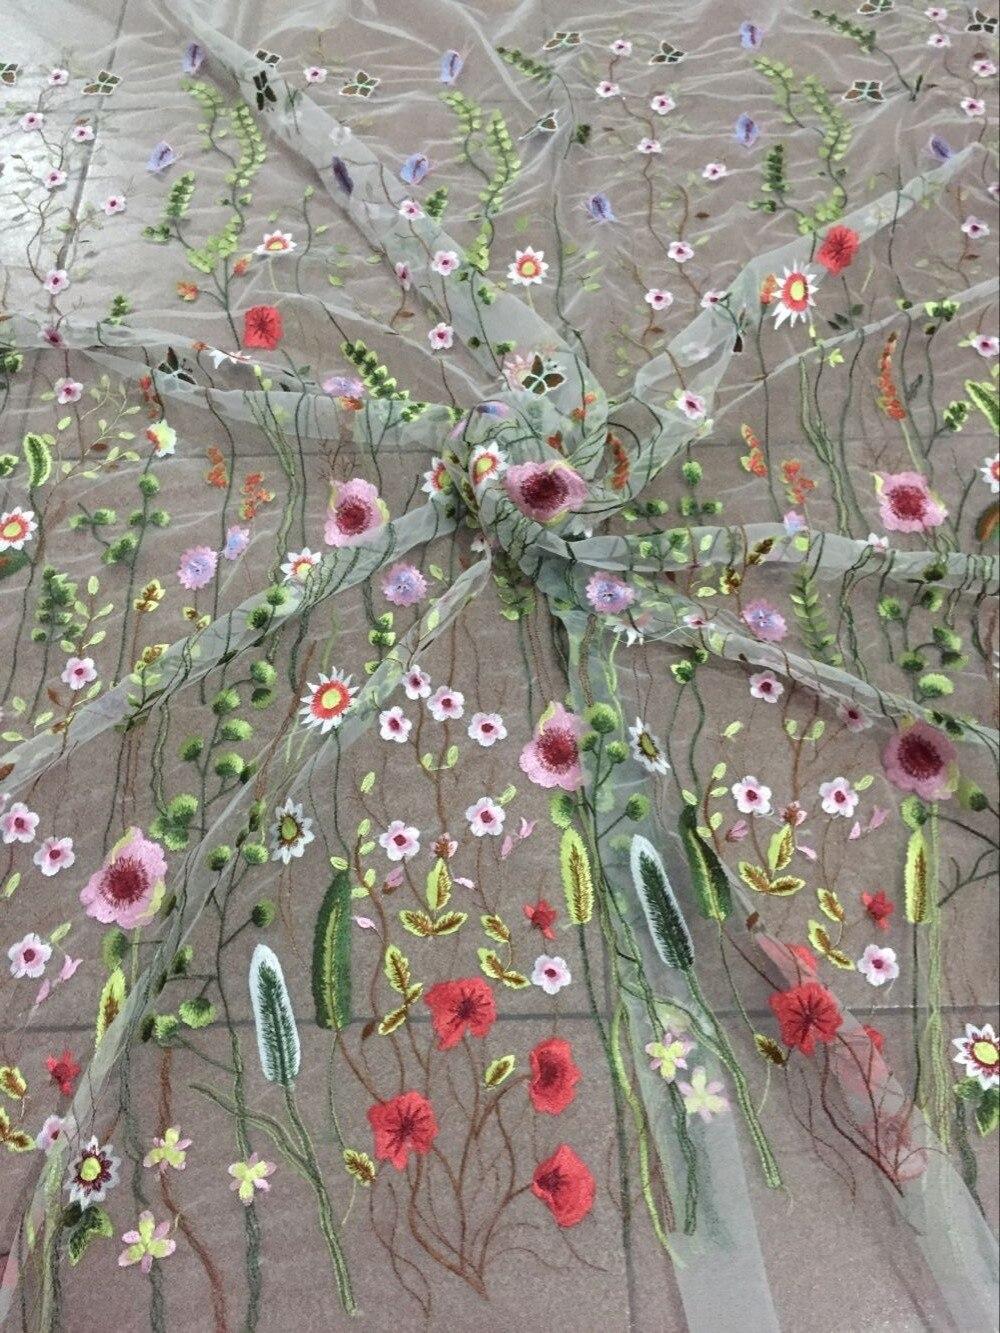 Ultime Moda fiore ricamo tessuto del merletto di alta qualità CiCi 5409 tulle Africano tessuto di pizzo-in Pizzo da Casa e giardino su  Gruppo 1